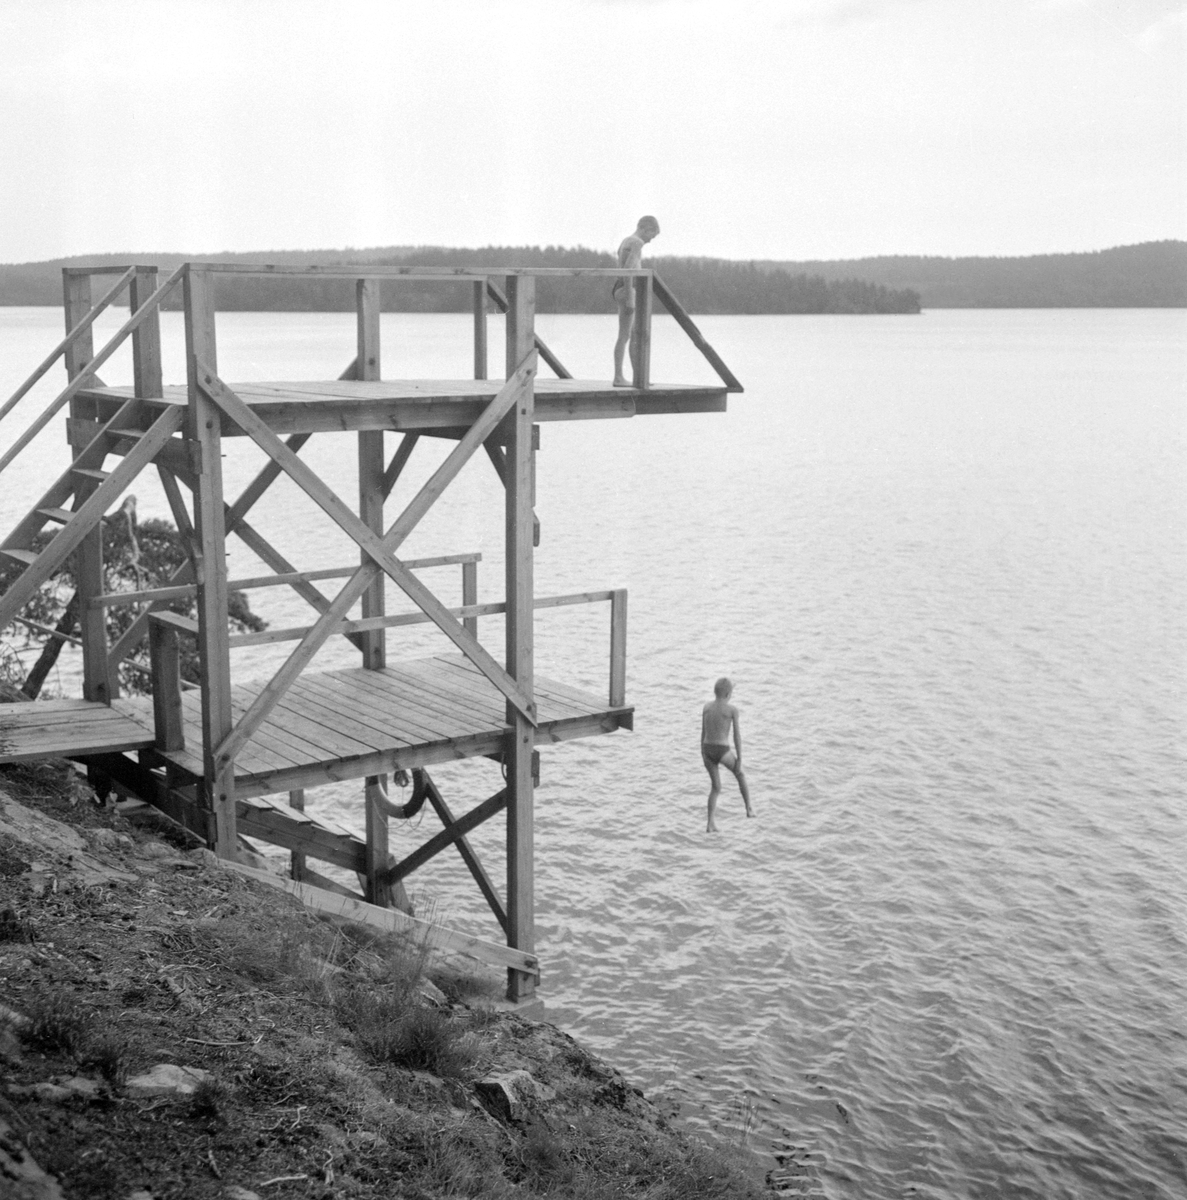 År 1956 kunde Björkfors GoIF öppna festplatsen Valö på ön med samma namn i sjön Björkern invid samhället. Föreningens ansträngningar förmerade även parken med en badplats med ett rejält hopptorn för hissnande luftfärder.